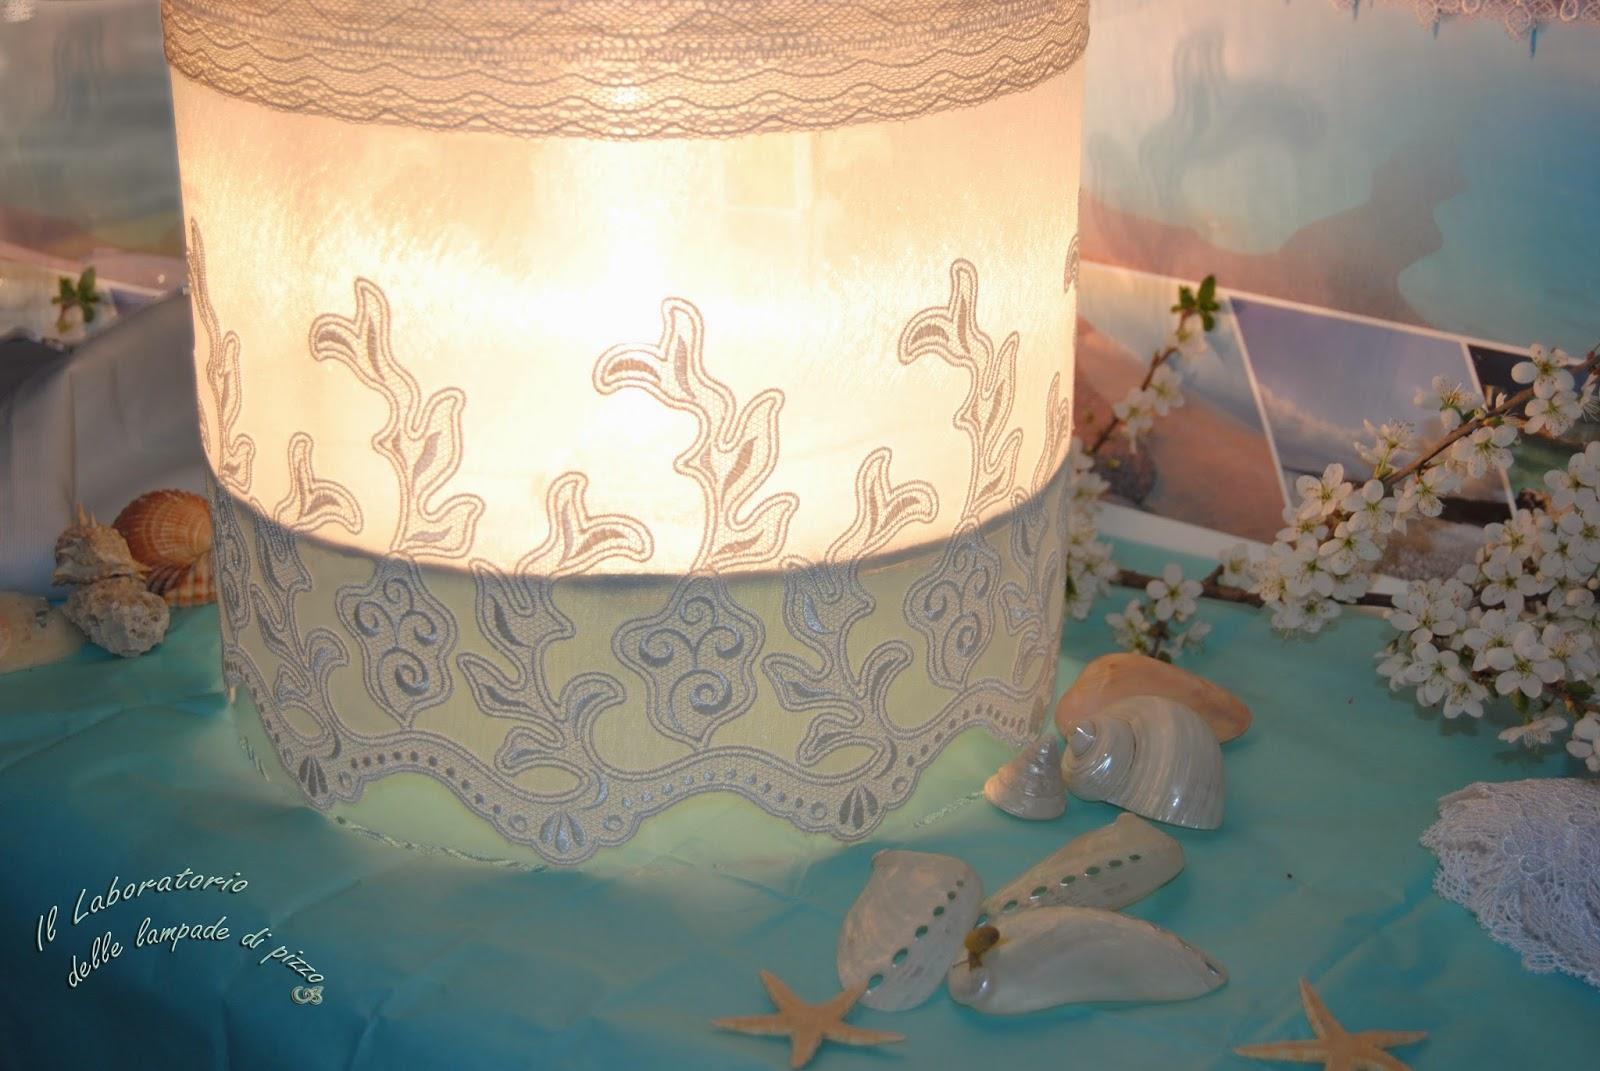 Il laboratorio delle lampade di pizzo: luci tra cielo e mare...